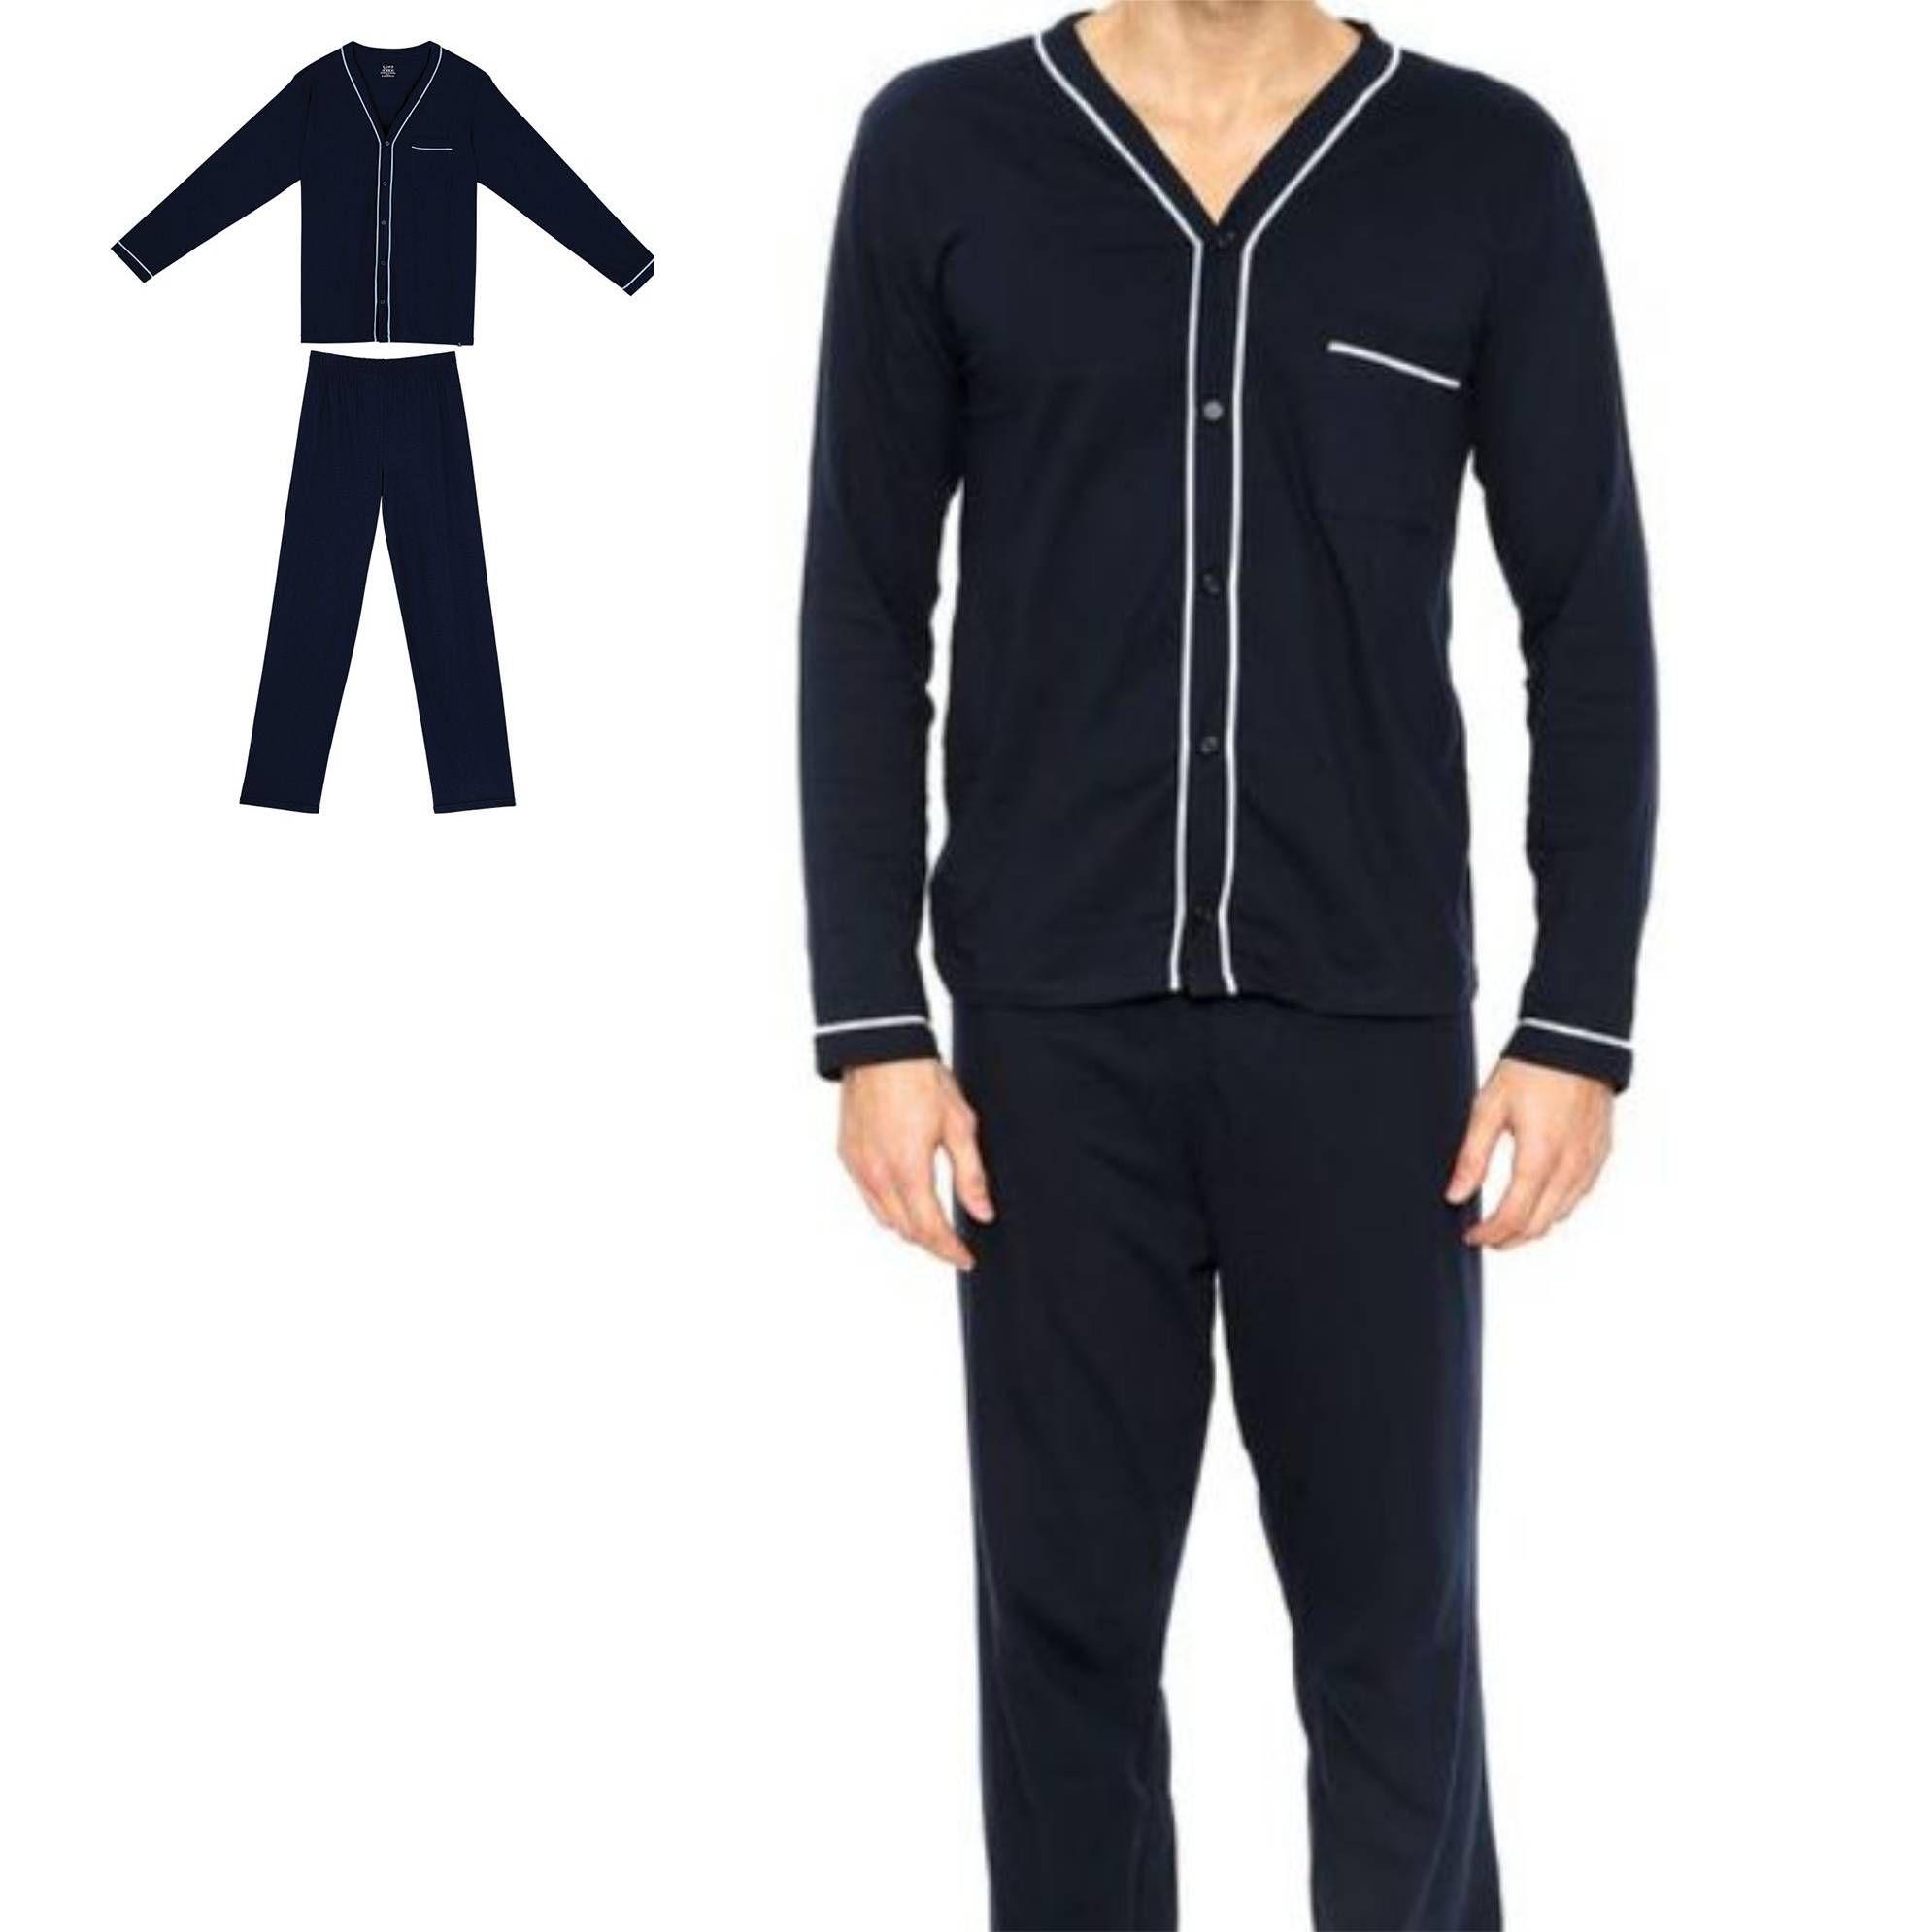 Pijama Masculino Manga Longa Lupo 100% Malha Algodão 28048-002